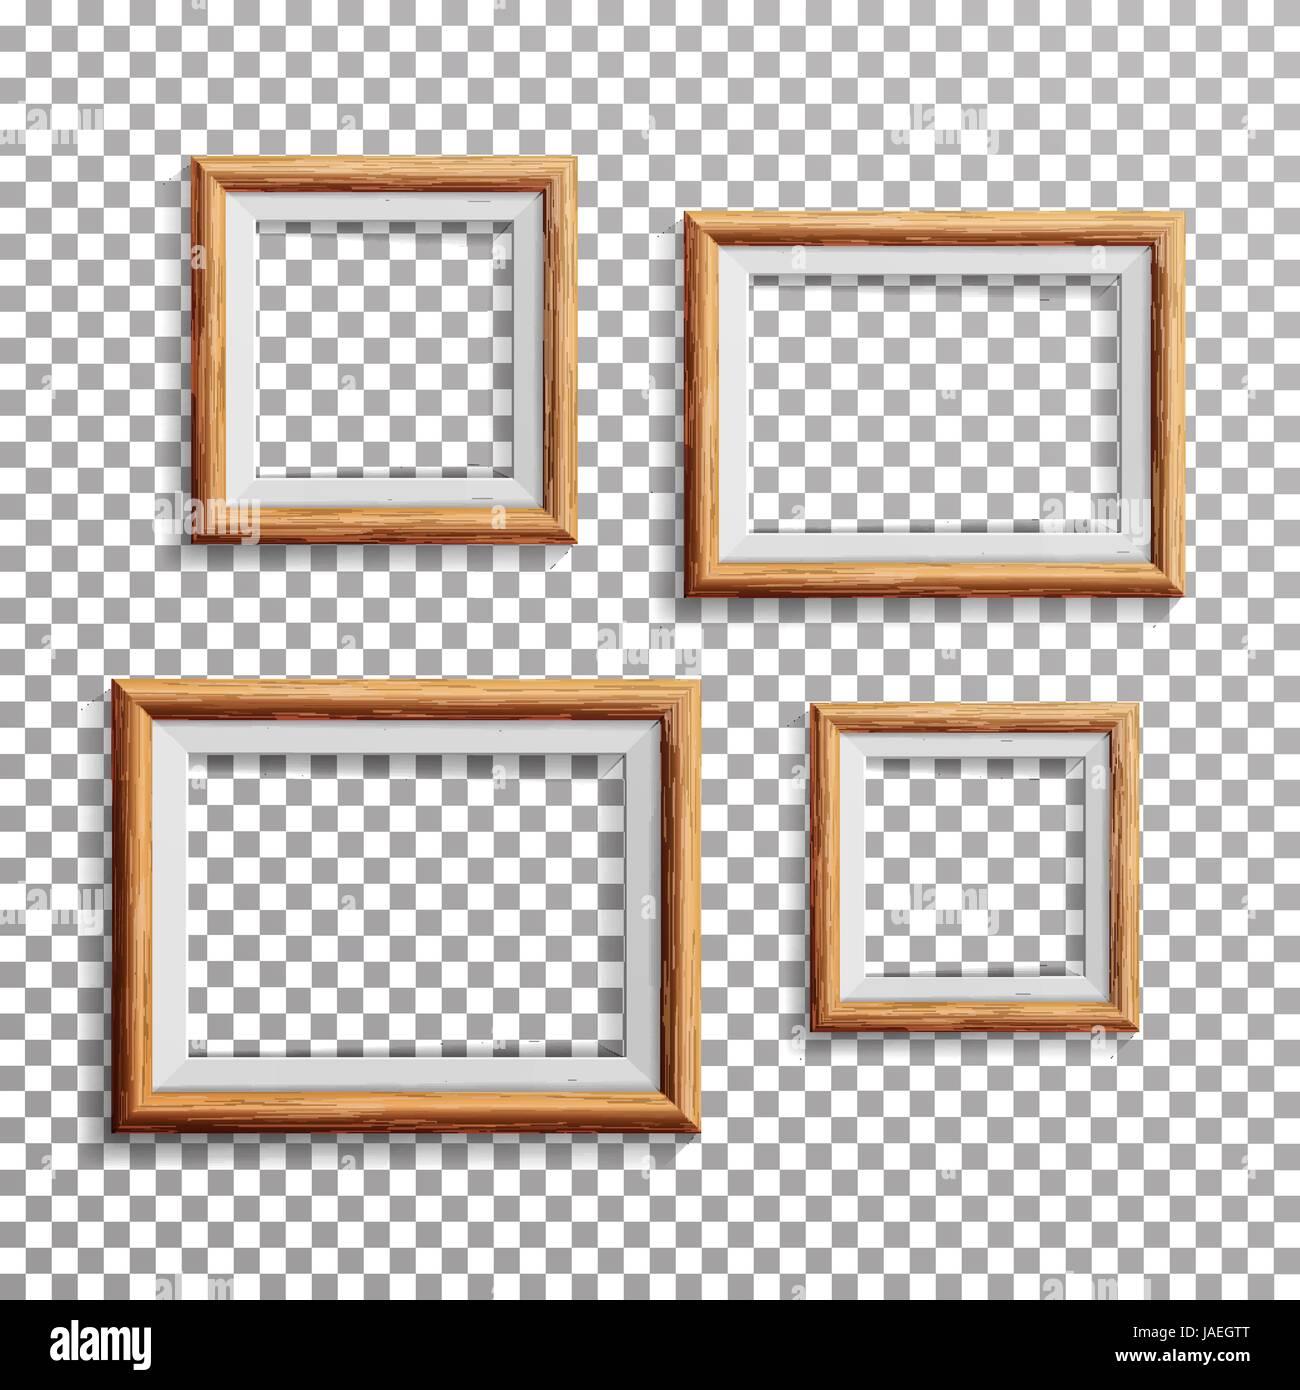 Realistische Foto Frame Vector. Zeichendreieck, A3, A4 Größen ...